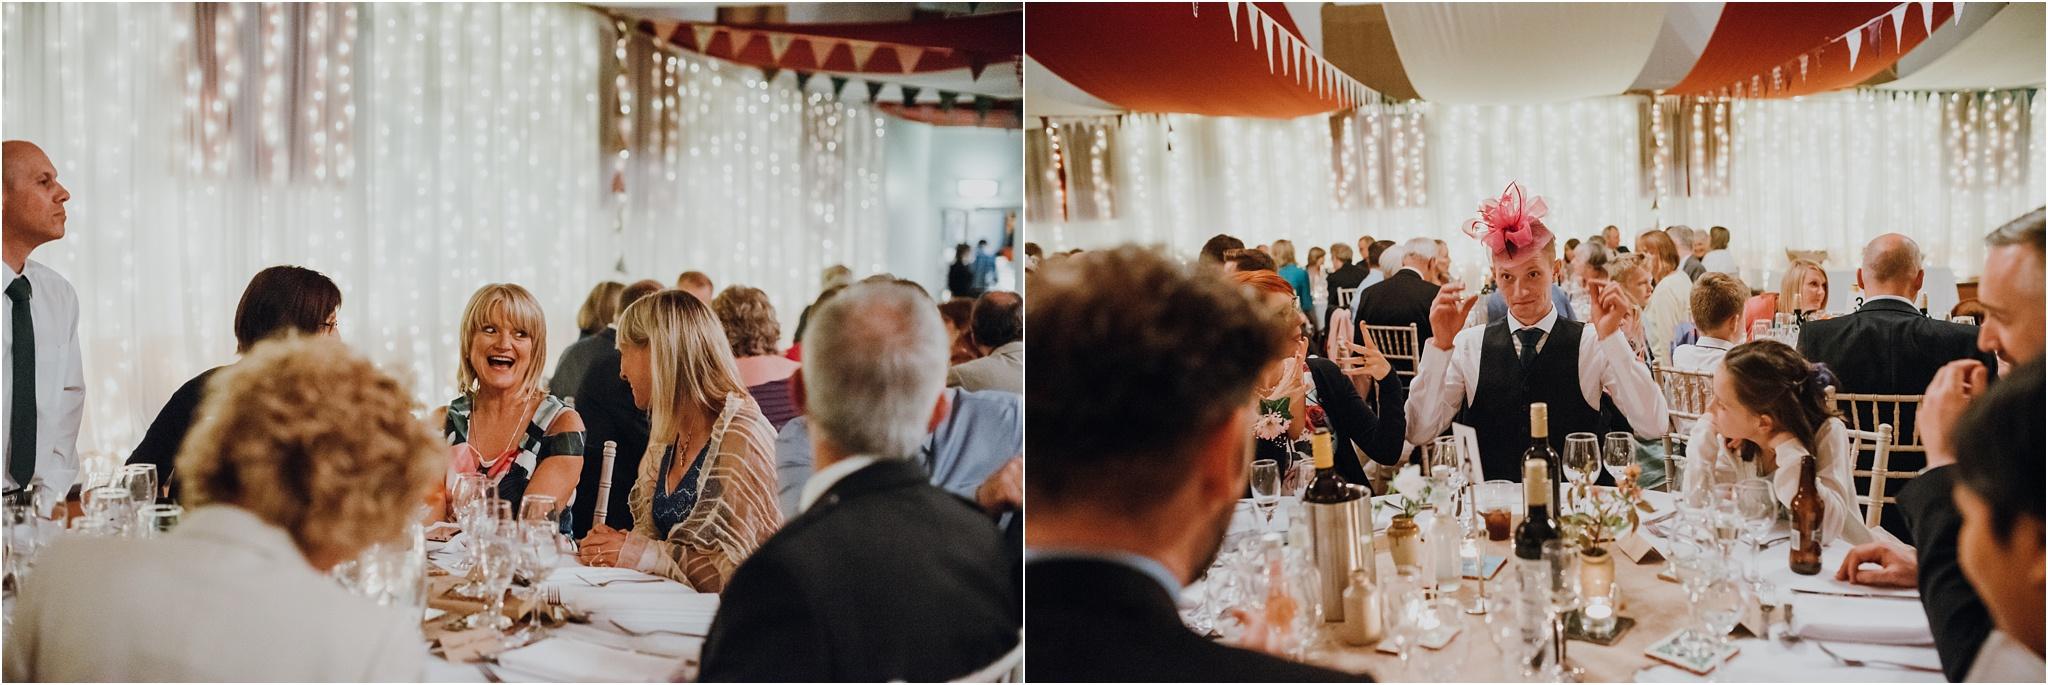 Edinburgh-barn-wedding-photographer_99.jpg